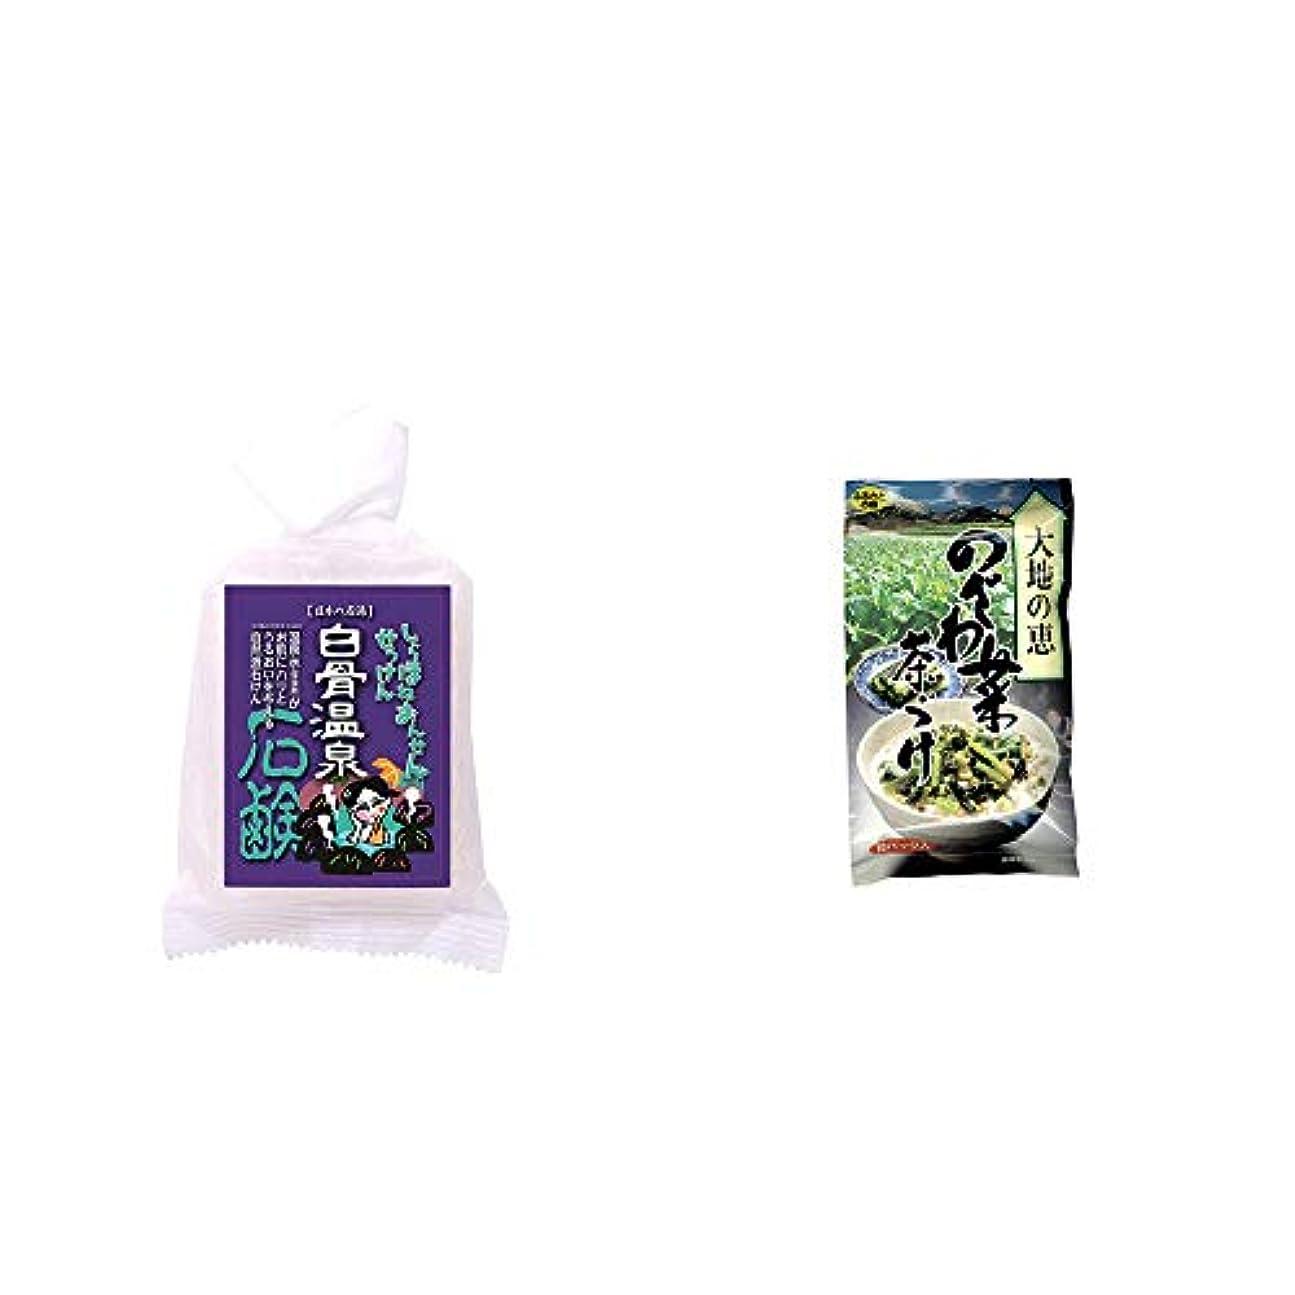 拡声器輝度話す[2点セット] 信州 白骨温泉石鹸(80g)?特選茶漬け 大地の恵 のざわ菜茶づけ(10袋入)